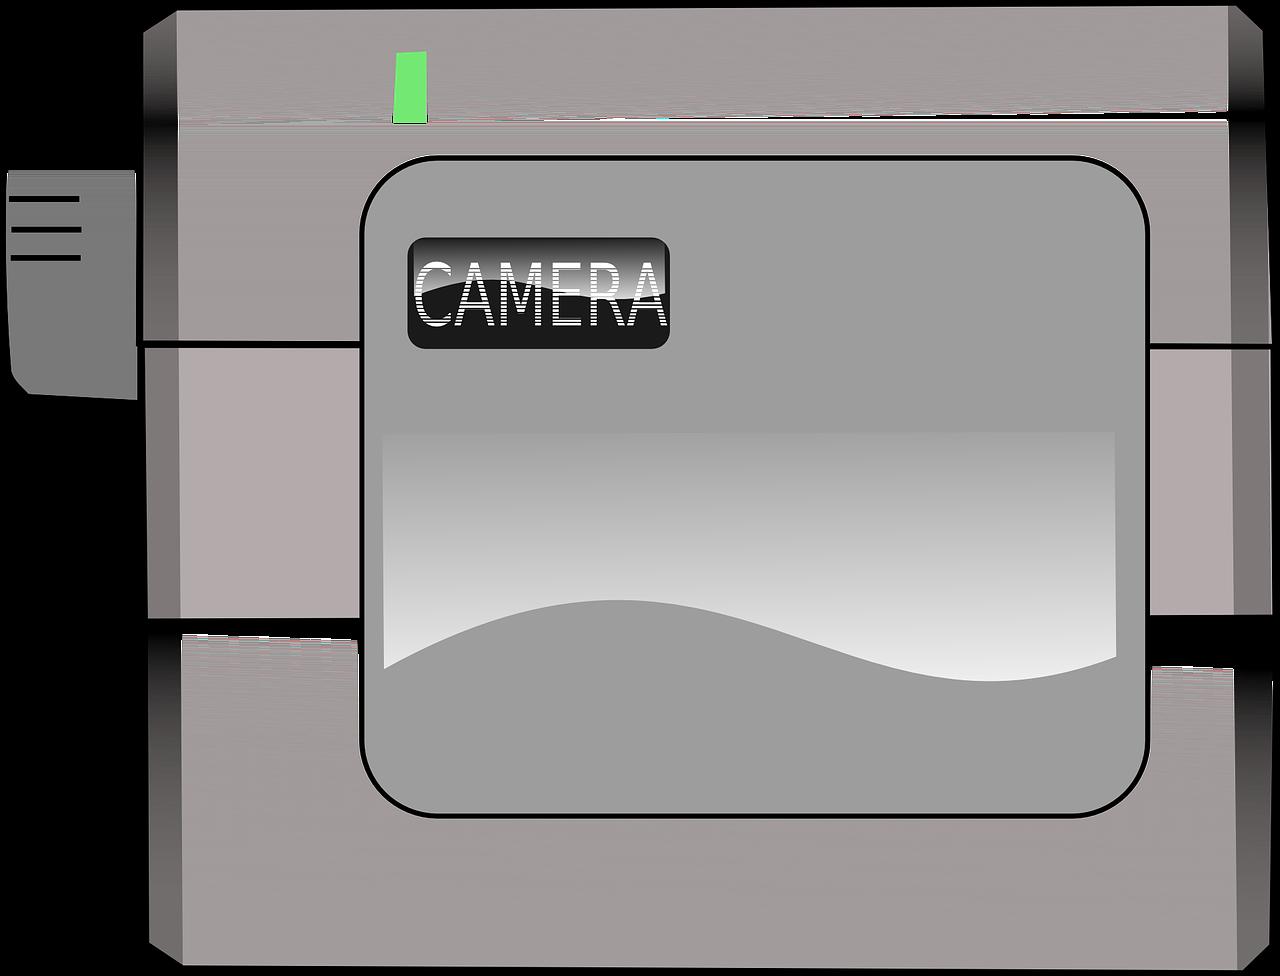 Wie kann man verwackelte Videoaufnahmen vermeiden